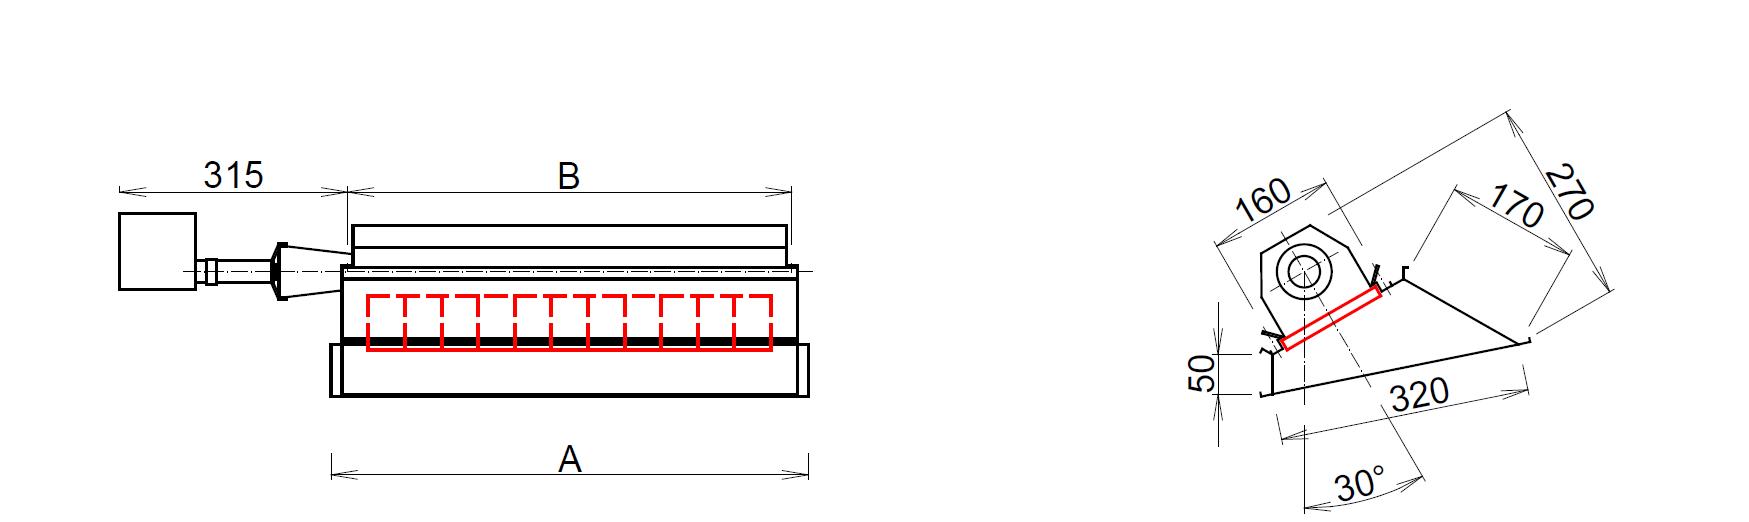 MKS 7 - 18 kW